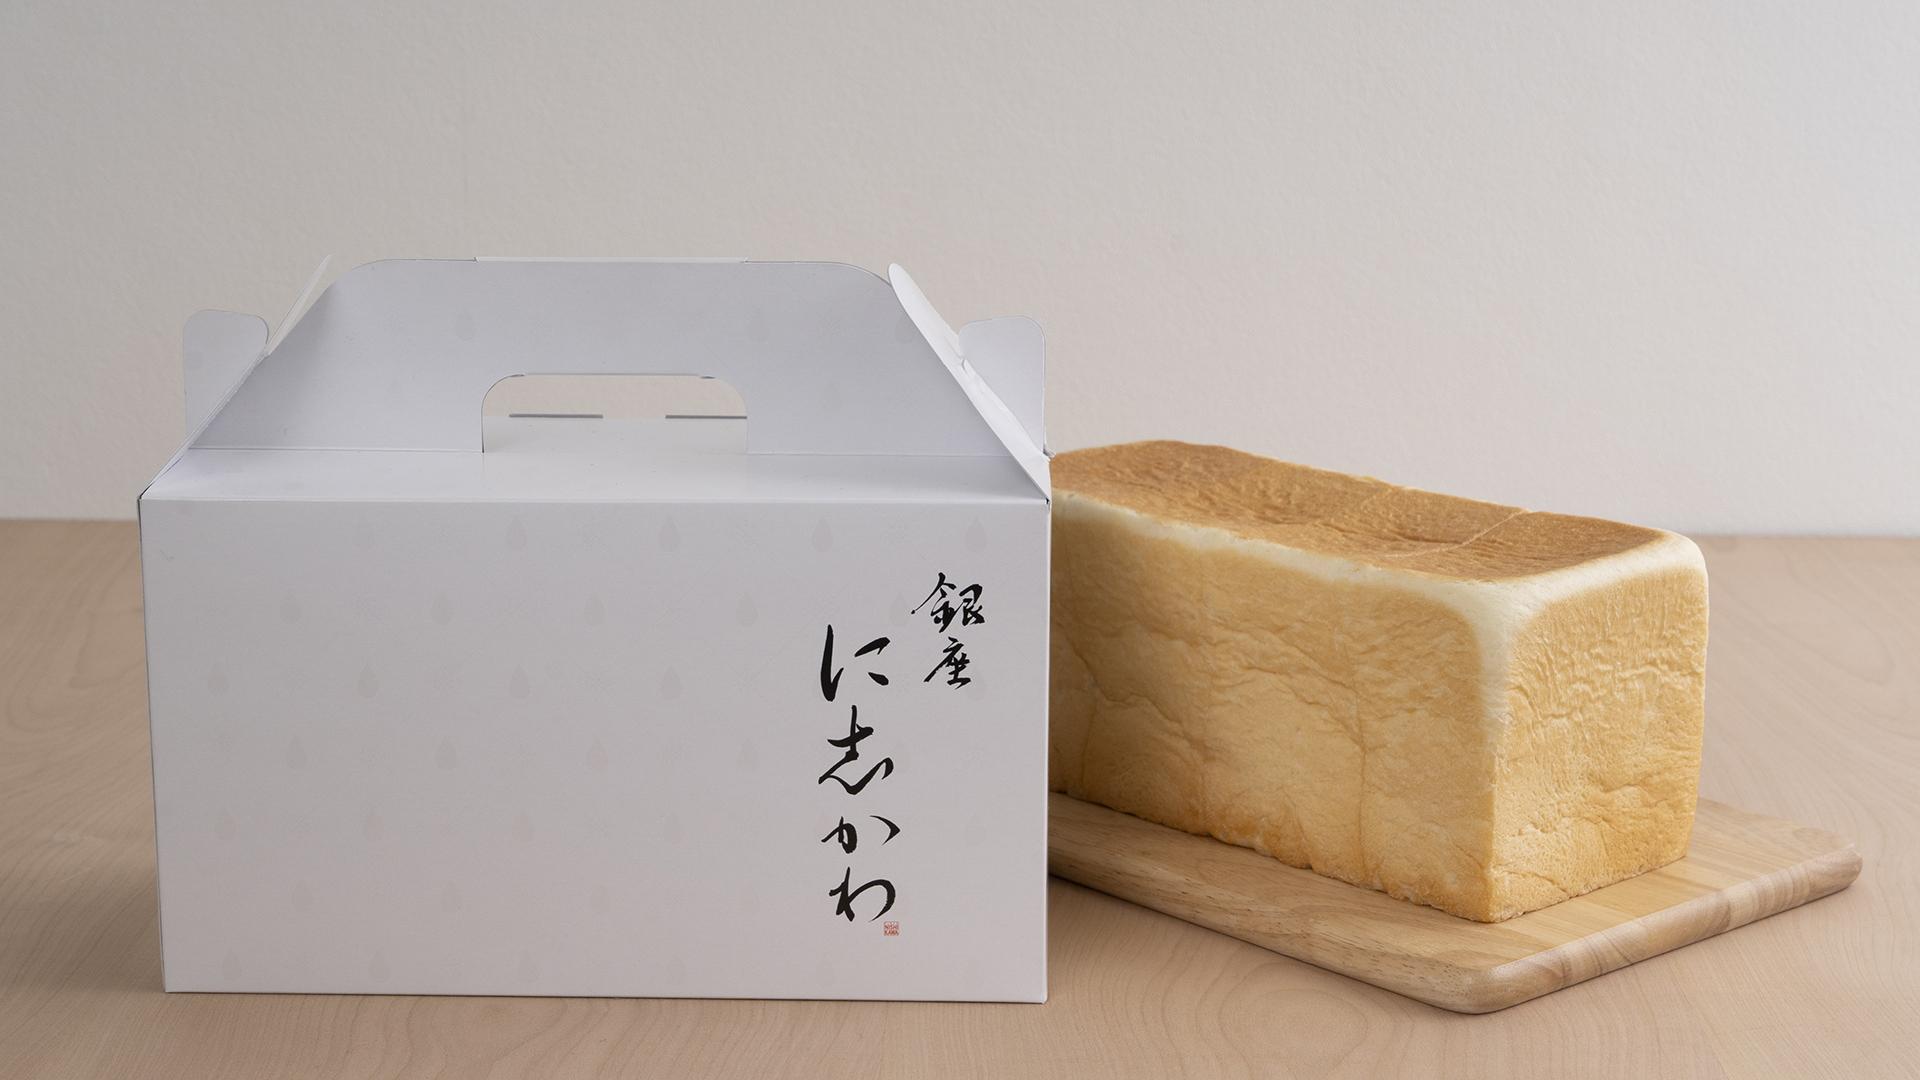 食パン 値段 にし かわ 銀座